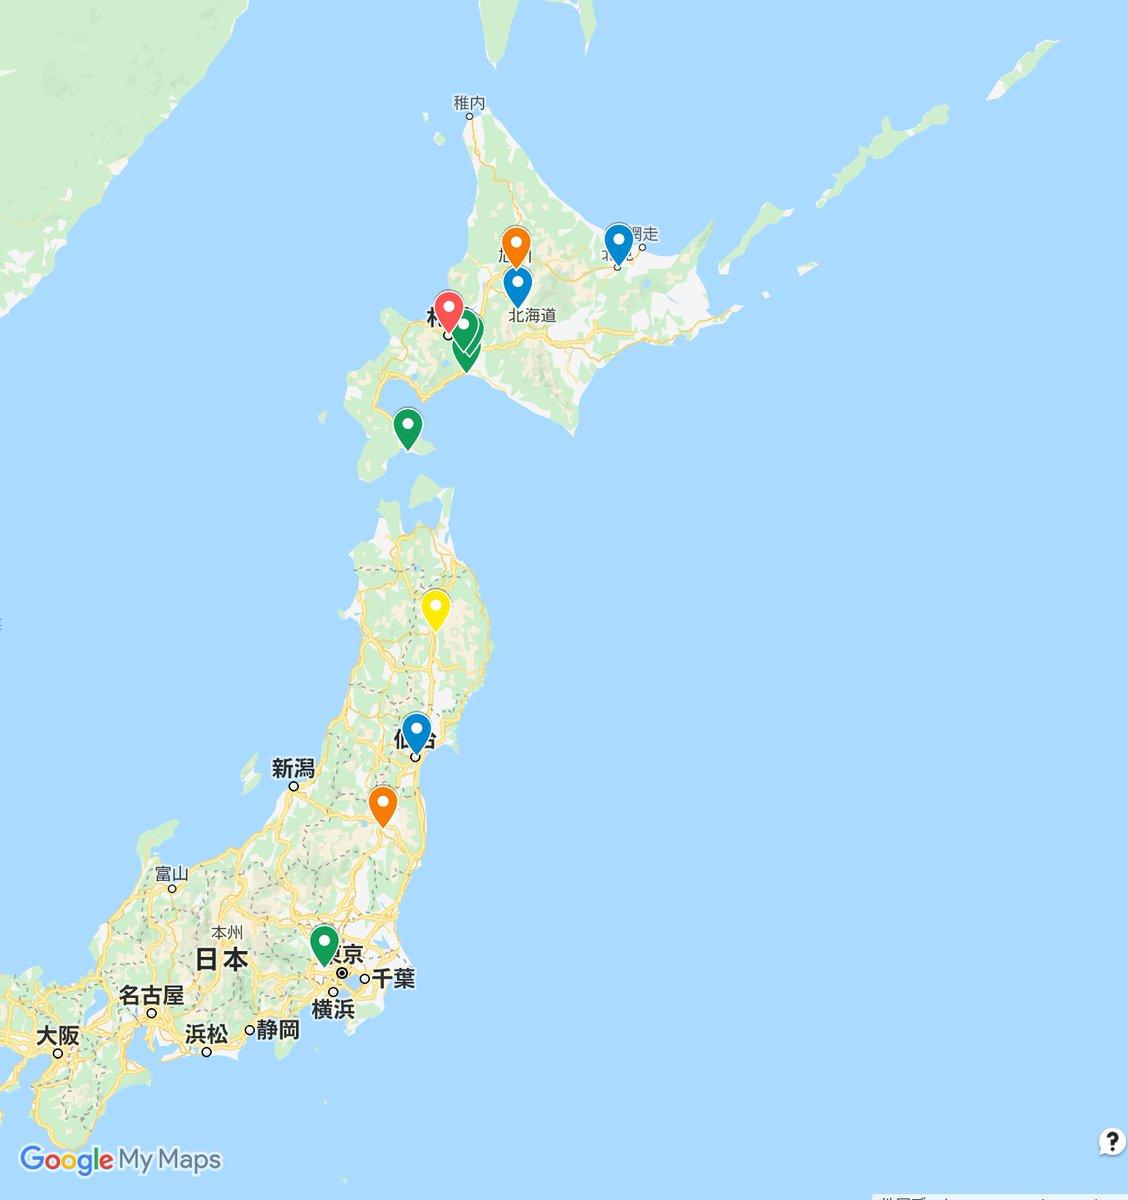 【地方IT勉強会 Advent Calendar 参加場所の地図を打ちました】わからない部分もあったので正確性は置いておいて,参加登録地方を地図に打ってみました.数が合わないのは,自分がいくつもの地域に言及するためです.ピンのないところの地区から参加があれば......!